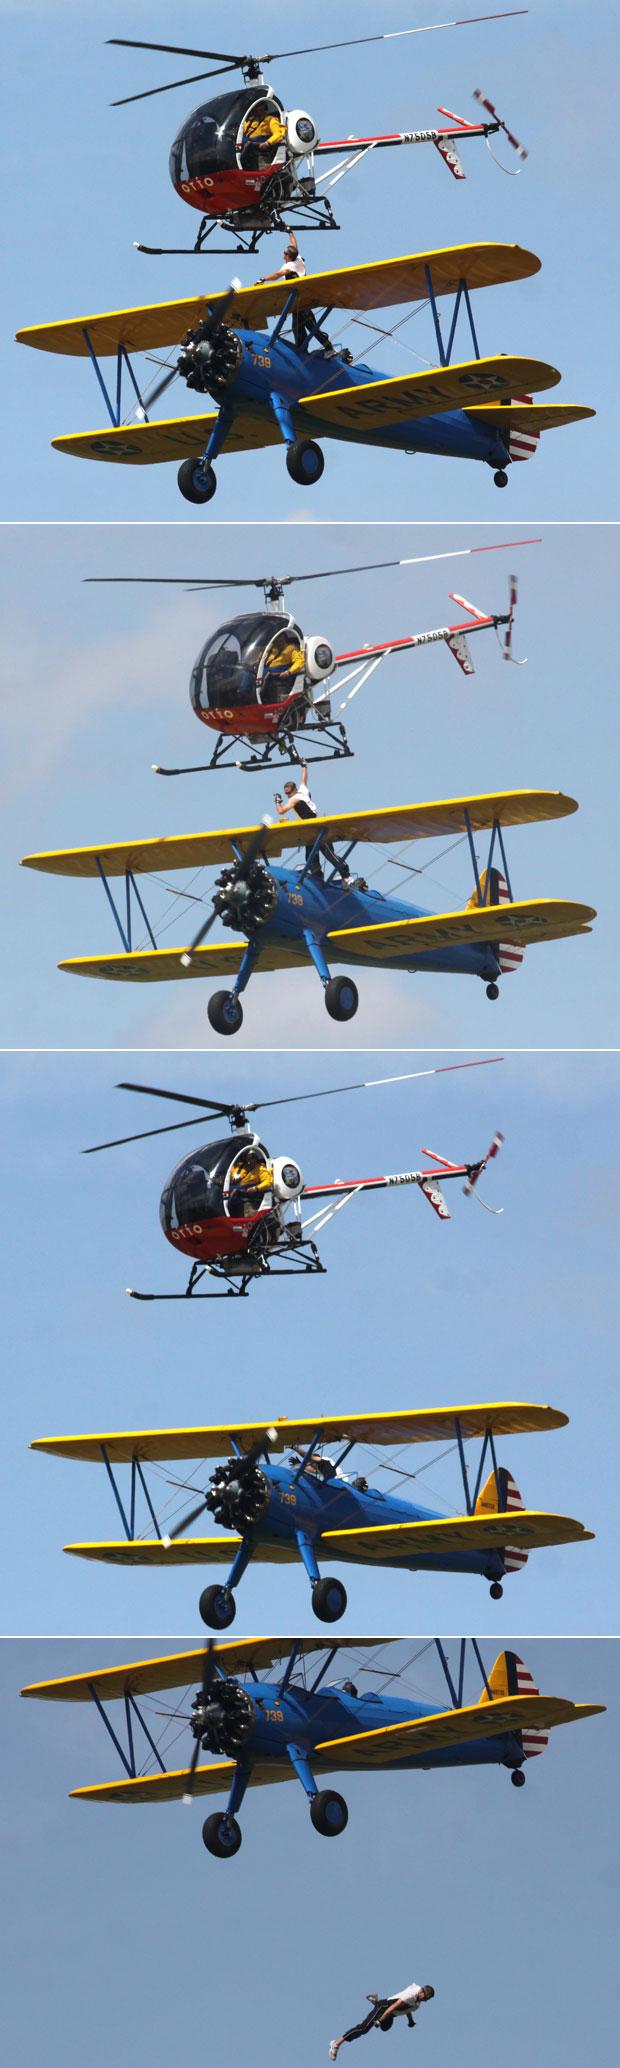 wing walker falls fran4 Fotos mostram o momento em que americano cai e morre ao tentar passar de avião para helicóptero